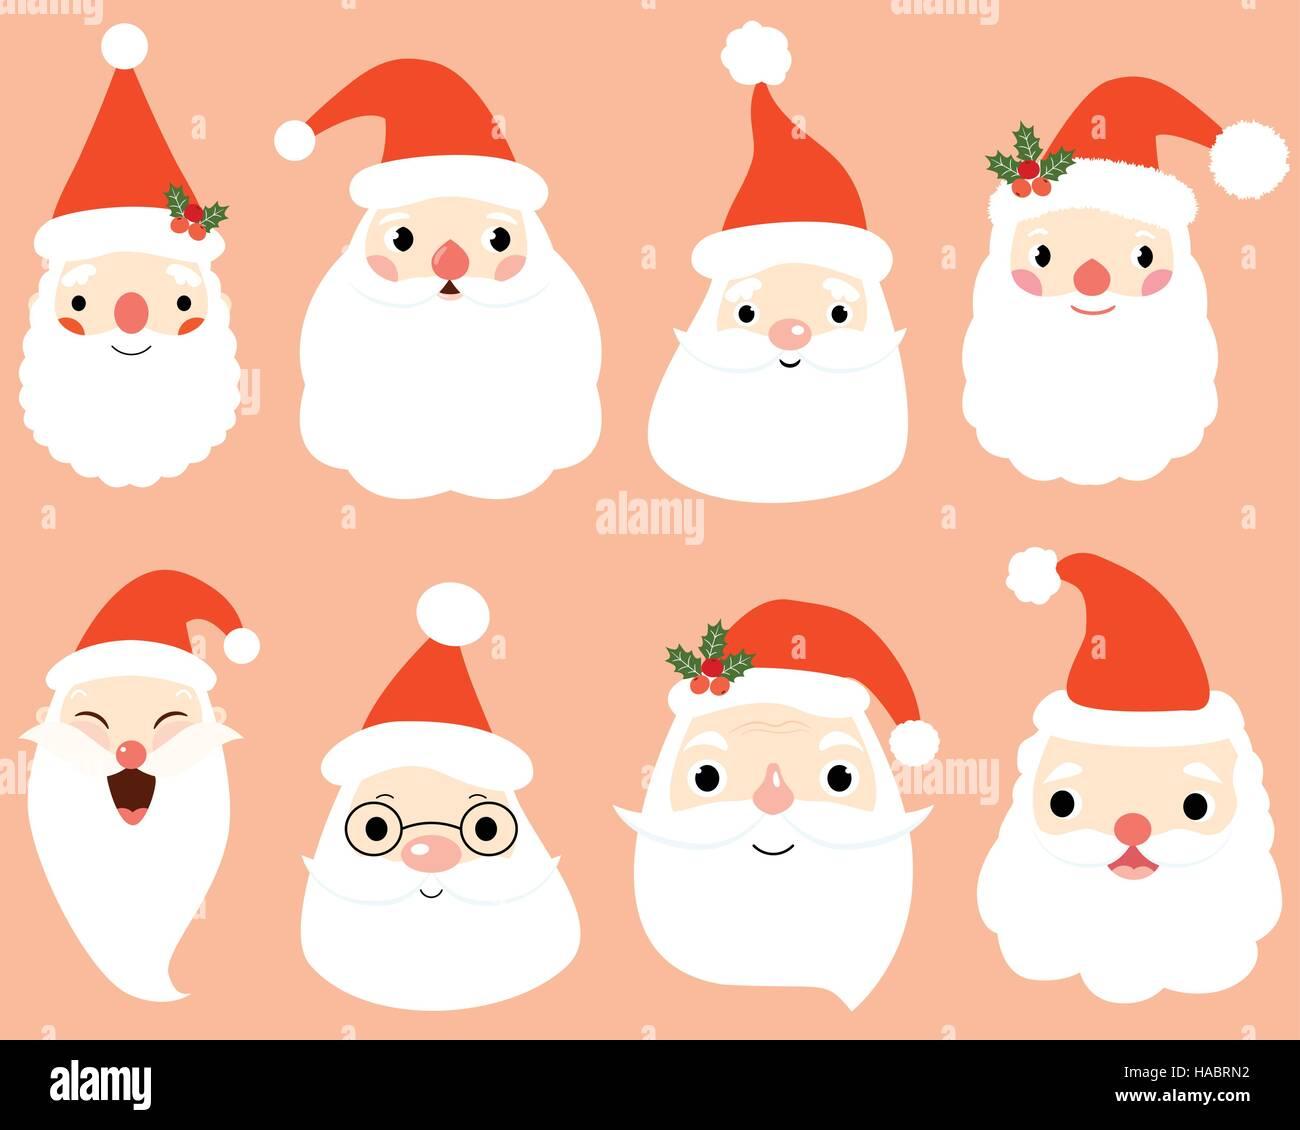 Comic Weihnachtsmann Kopf Weihnachten Vektor Illustration